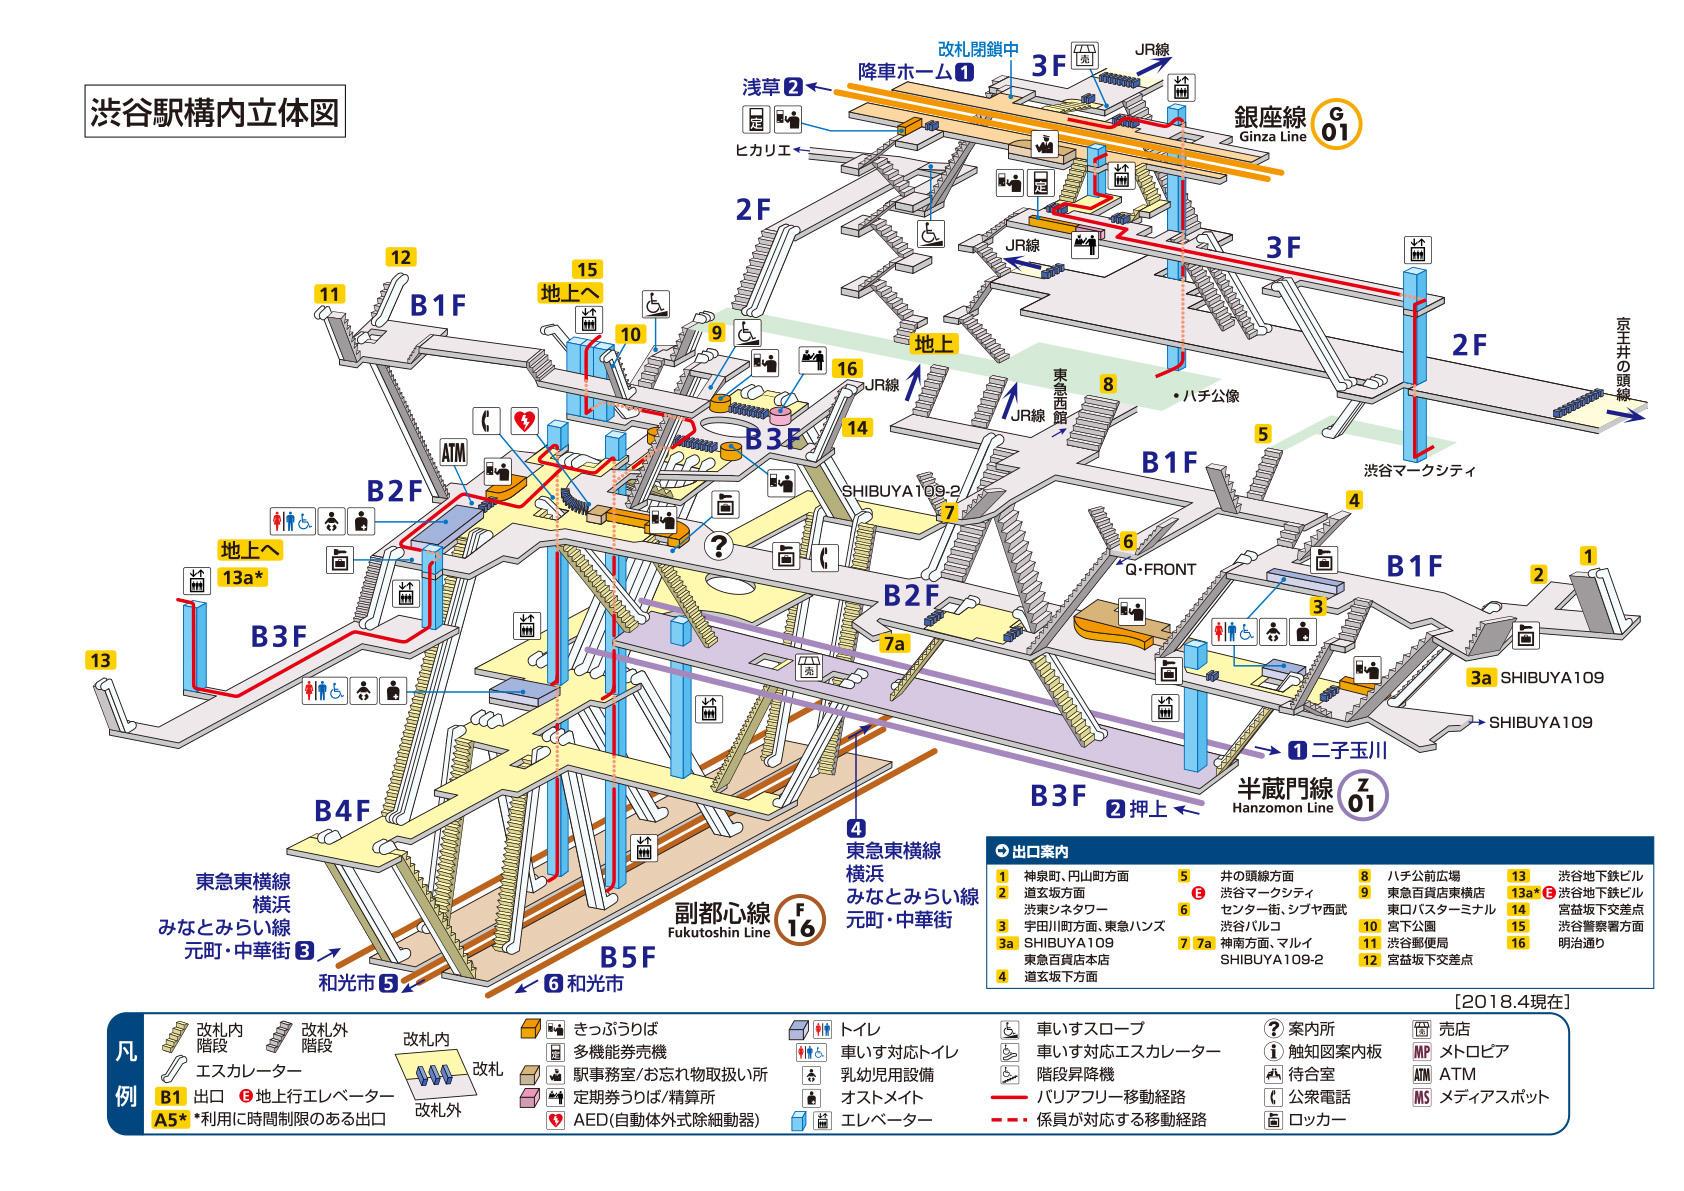 構内図 | 池袋駅/M Y09/F09 | 東京メトロ